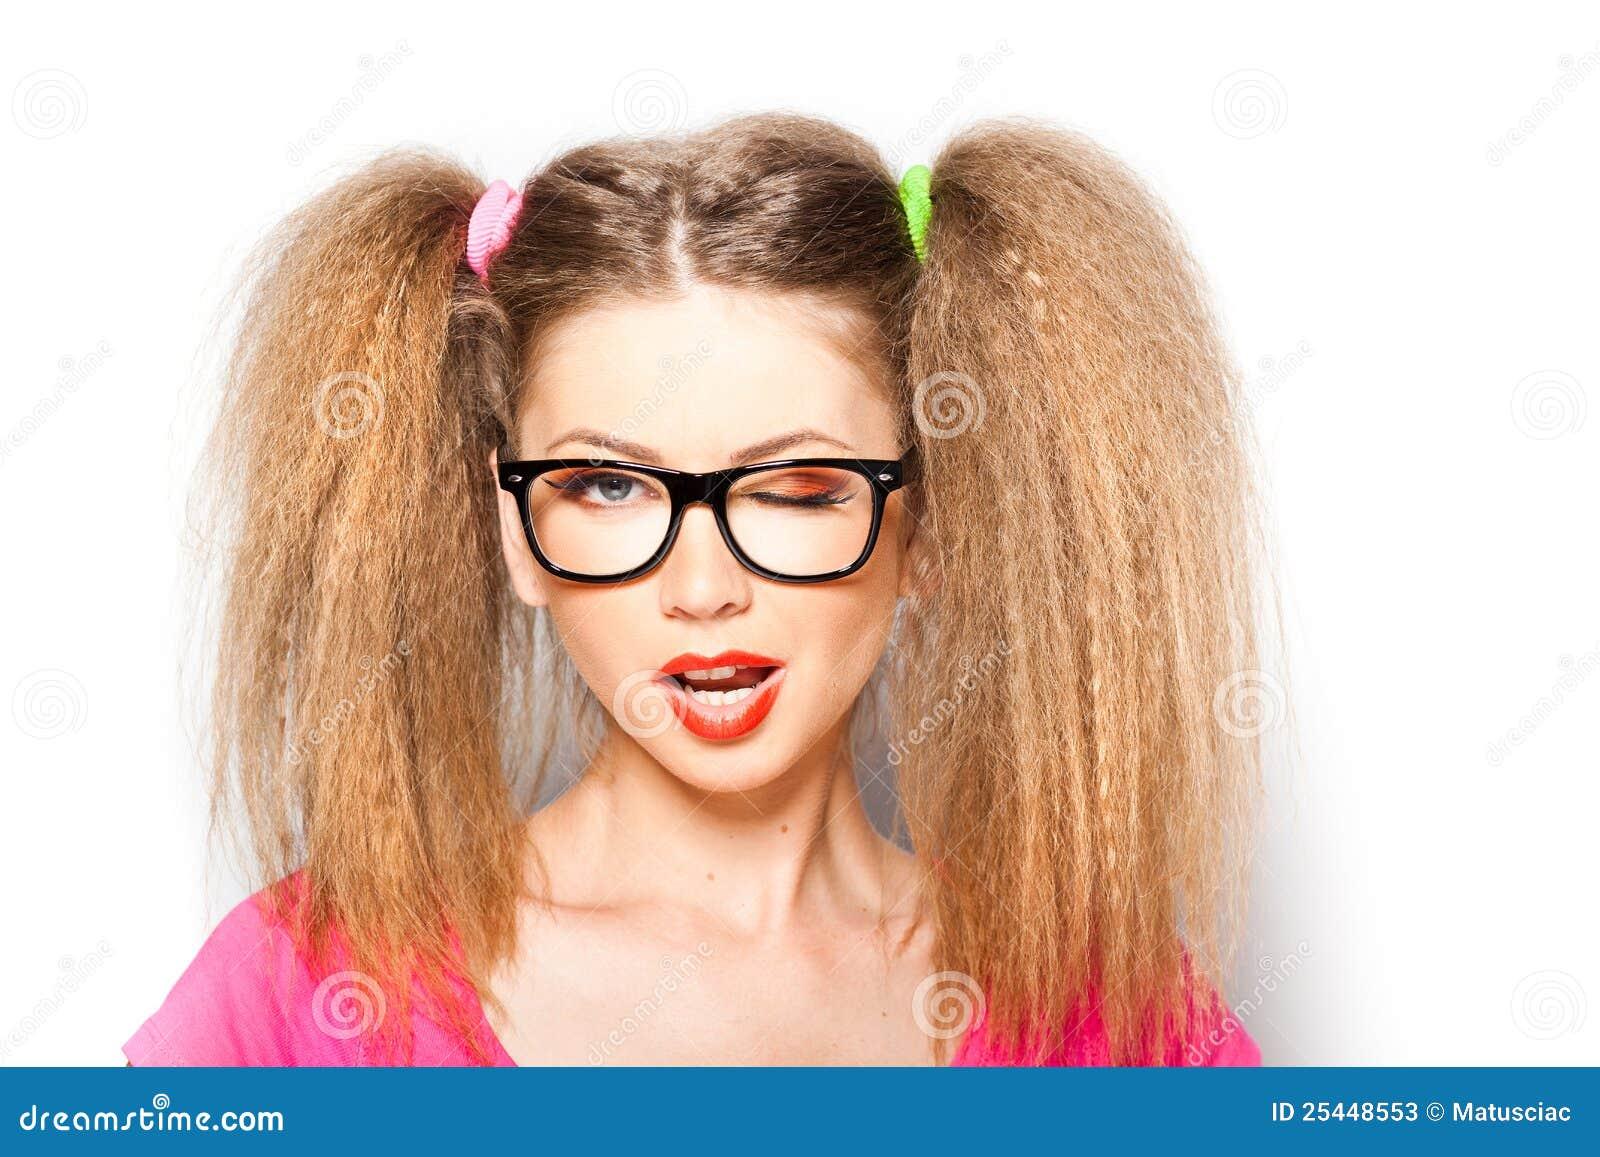 Прическа для девочки в очках